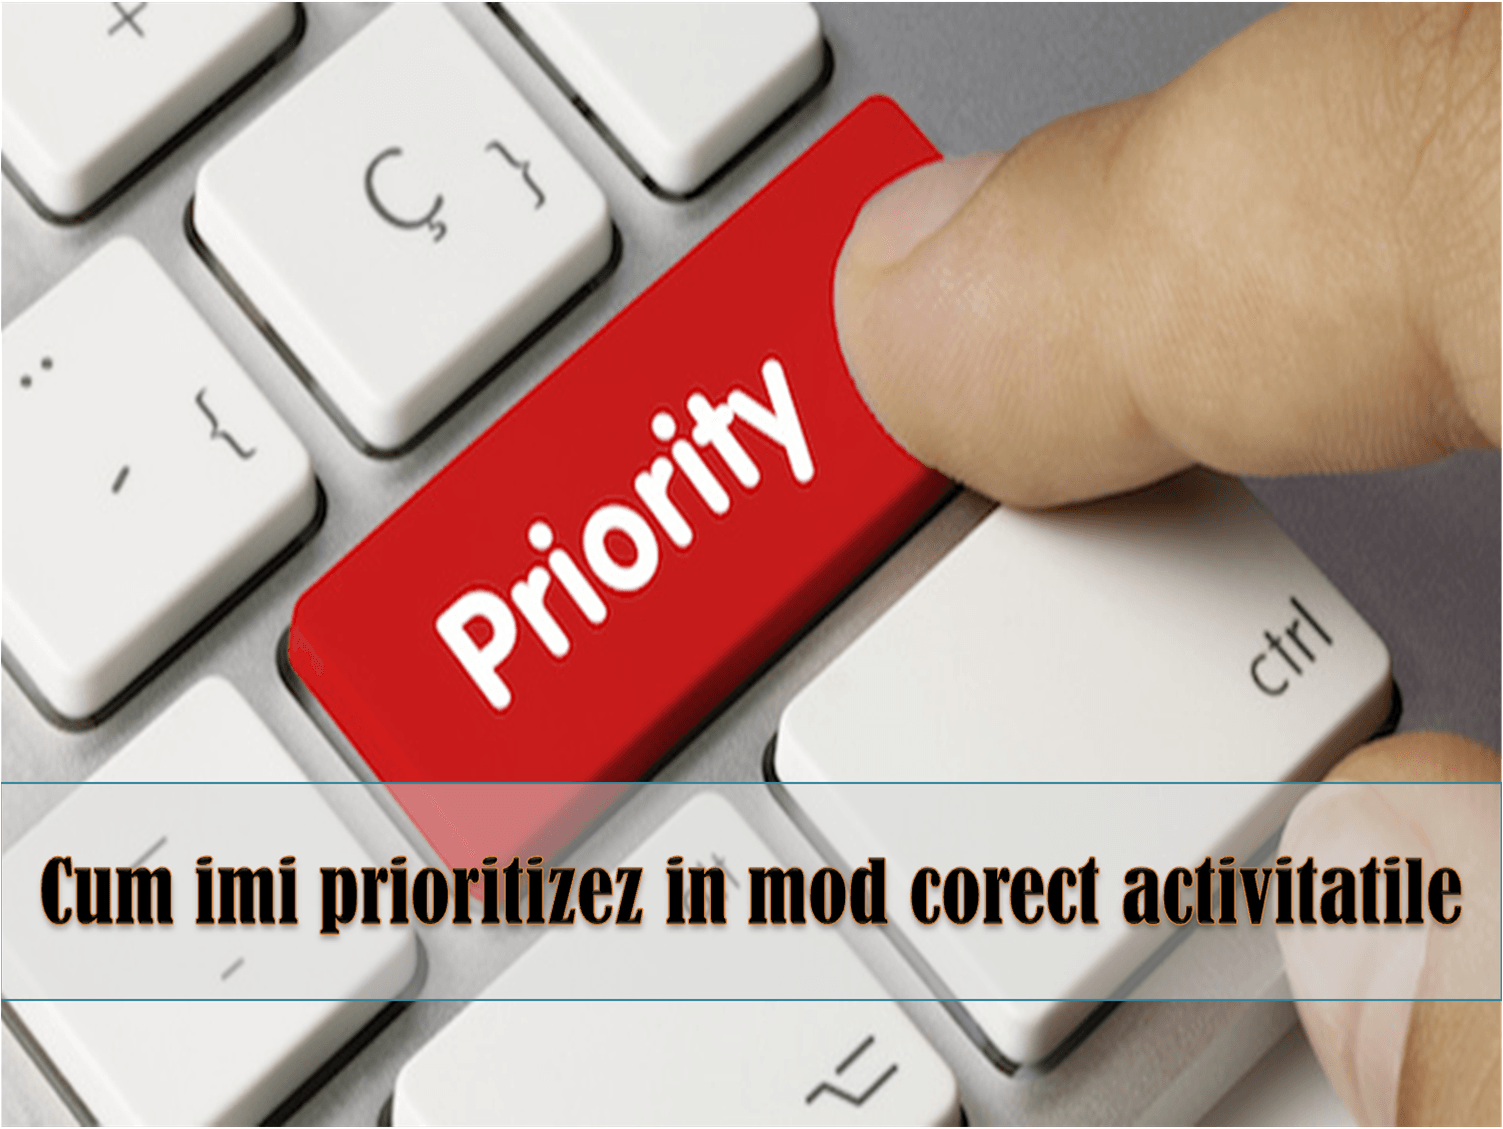 principiul important-urgent Eisenhower prioritizarea activitatilor